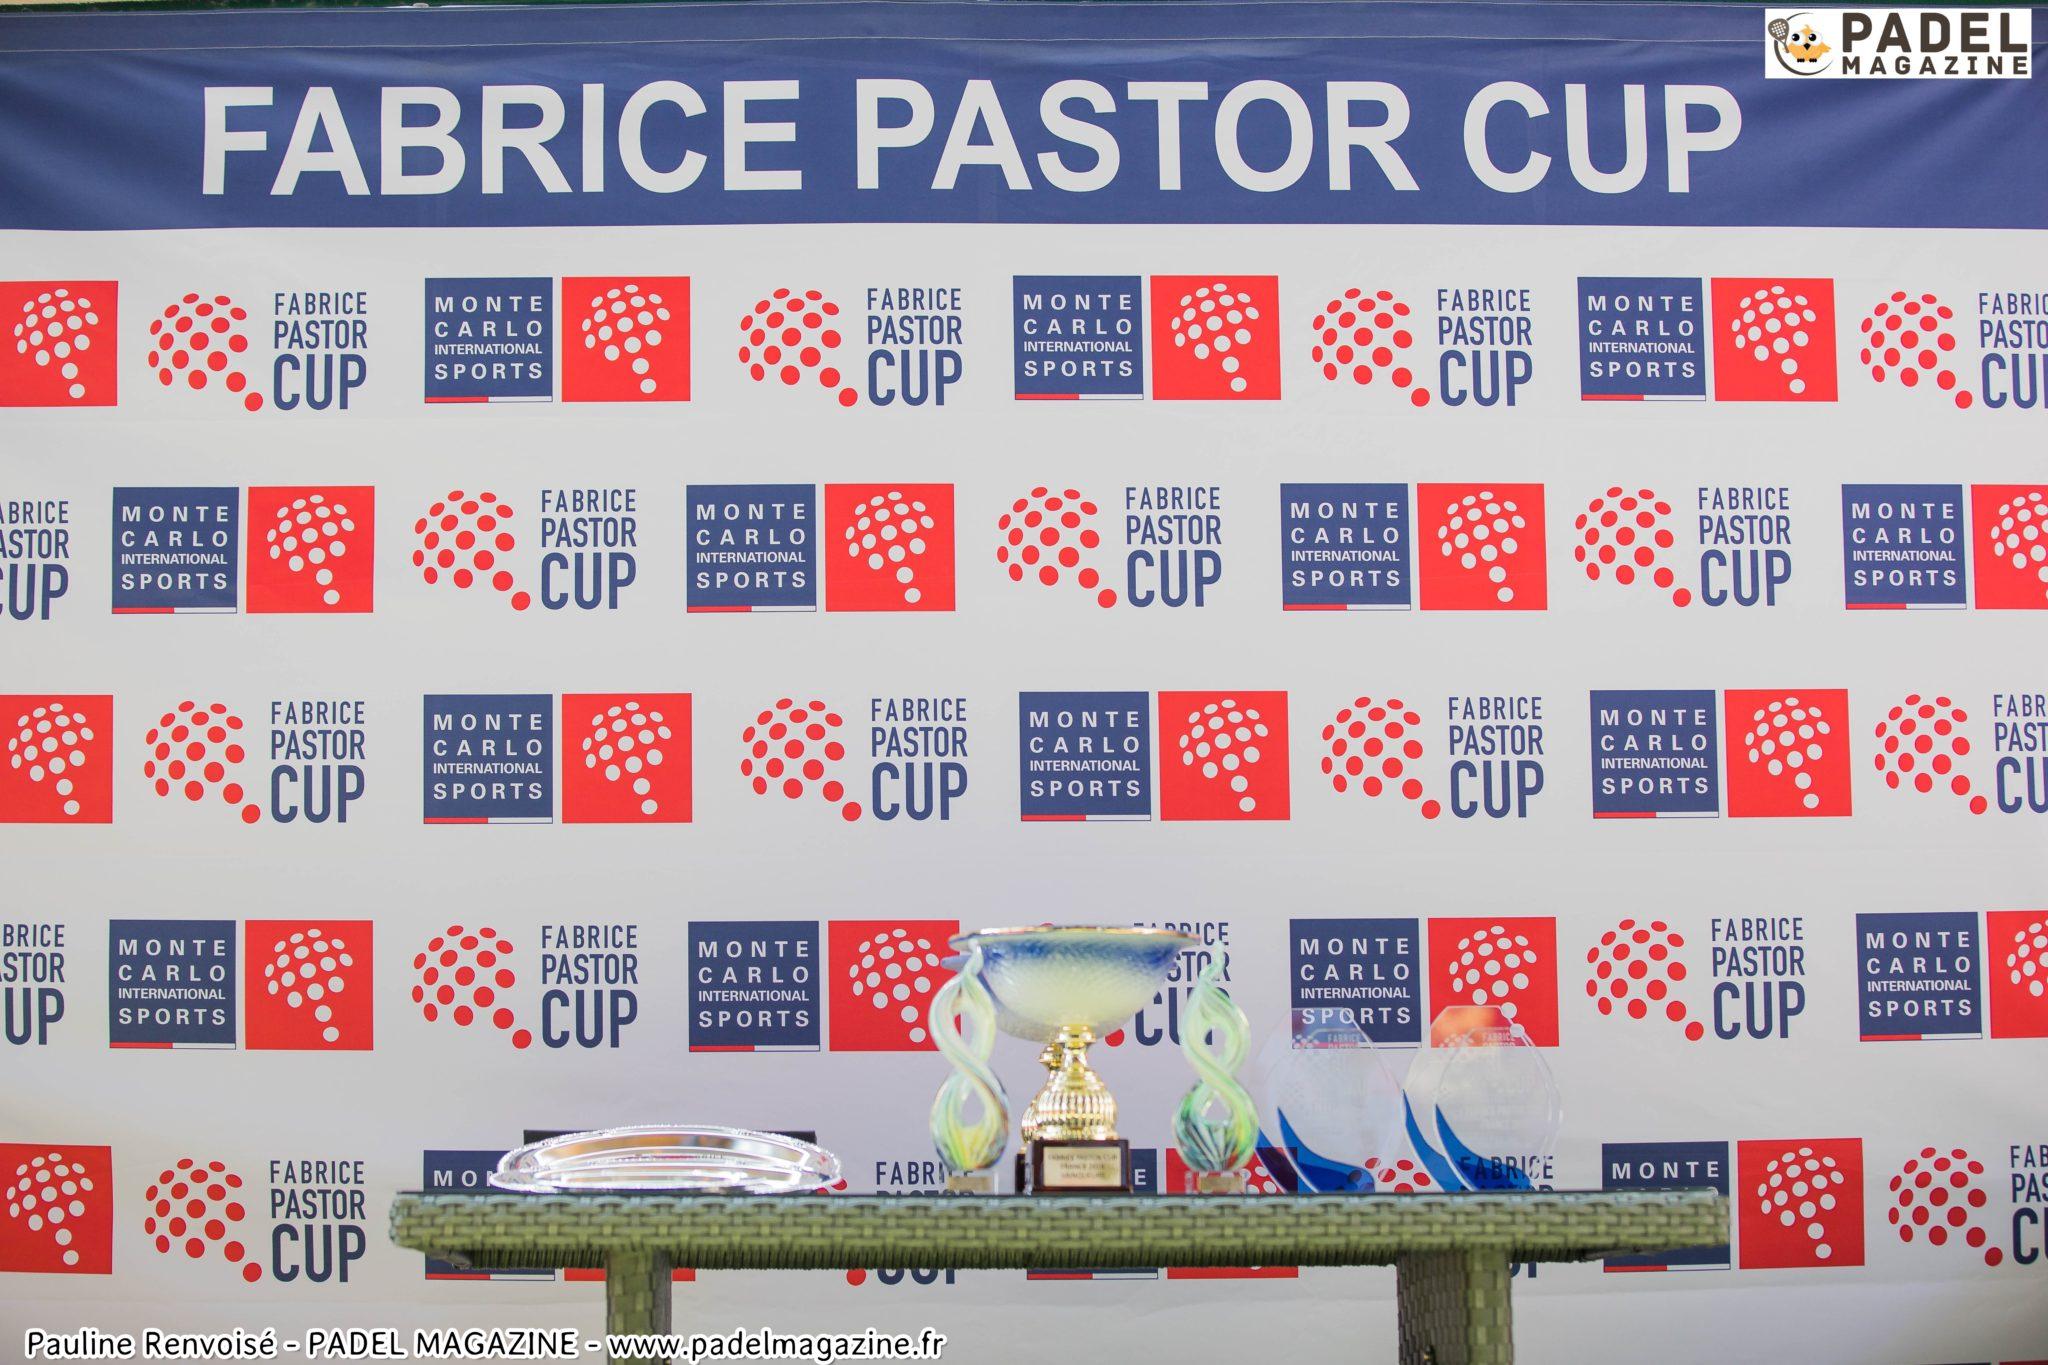 Bensadoun / Poggi remporte la 1ère édition de la Fabrice Pastor Cup en France